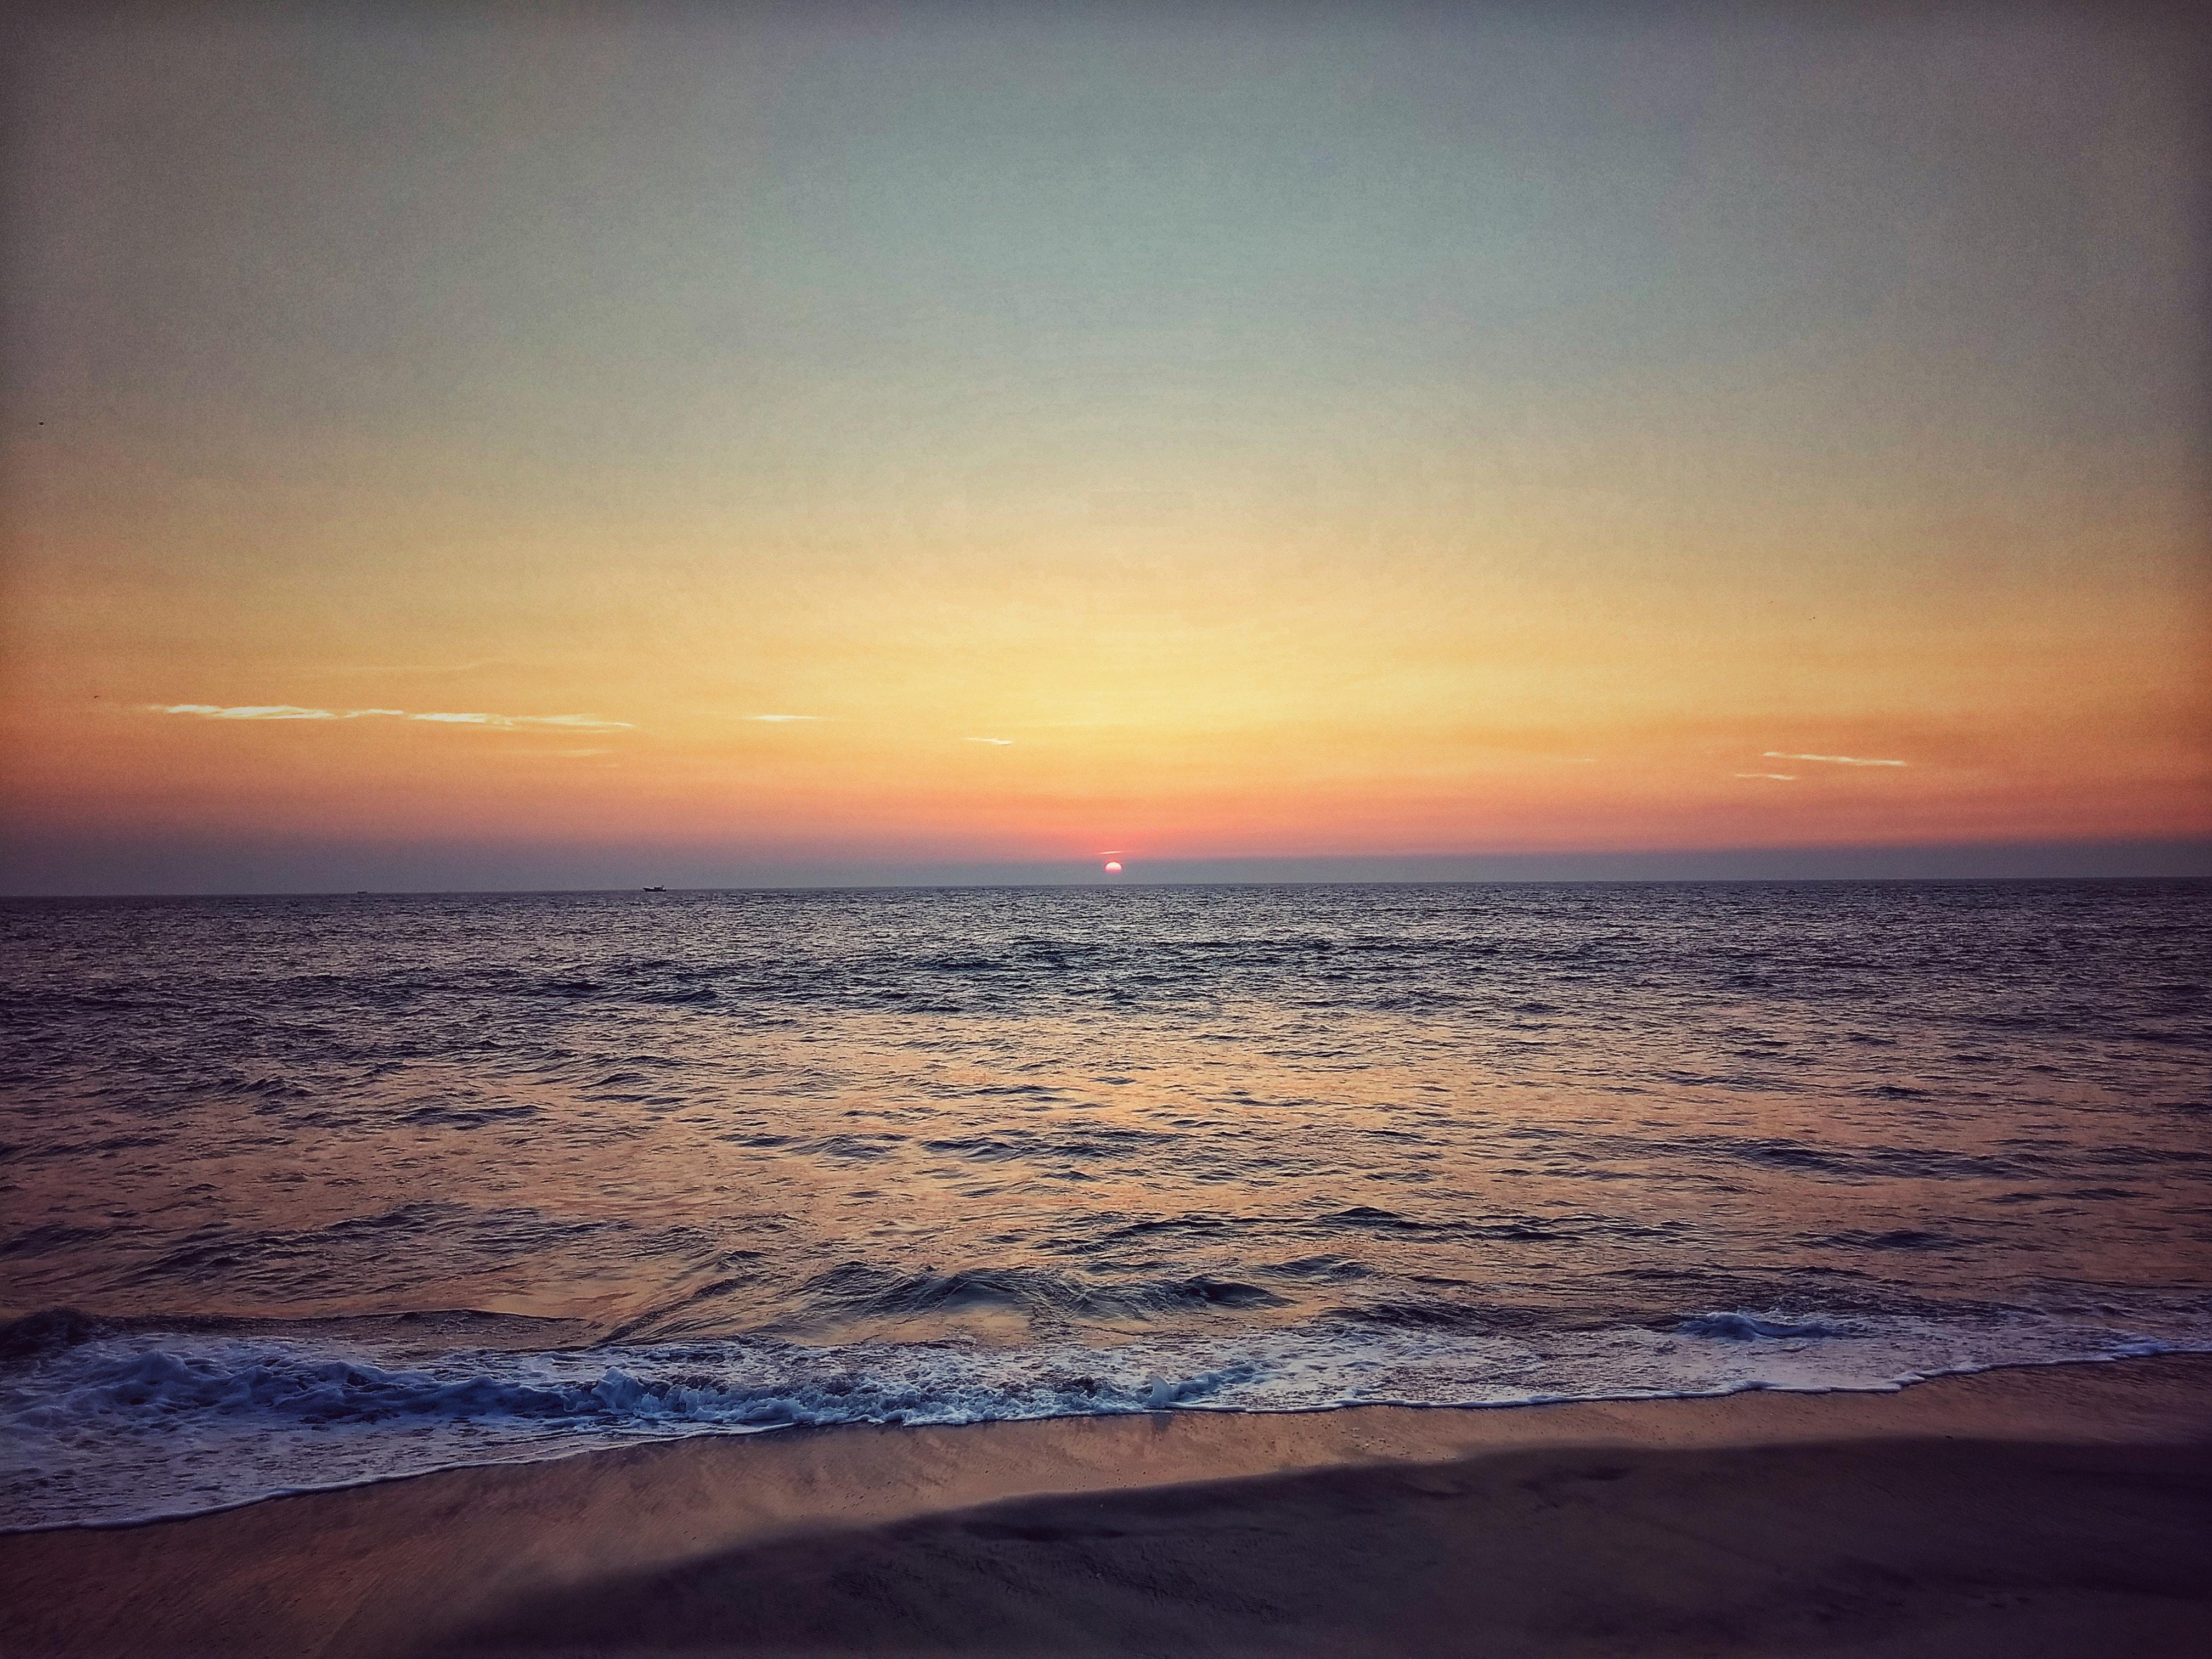 54 Gambar Pemandangan Laut Senja Paling Bagus